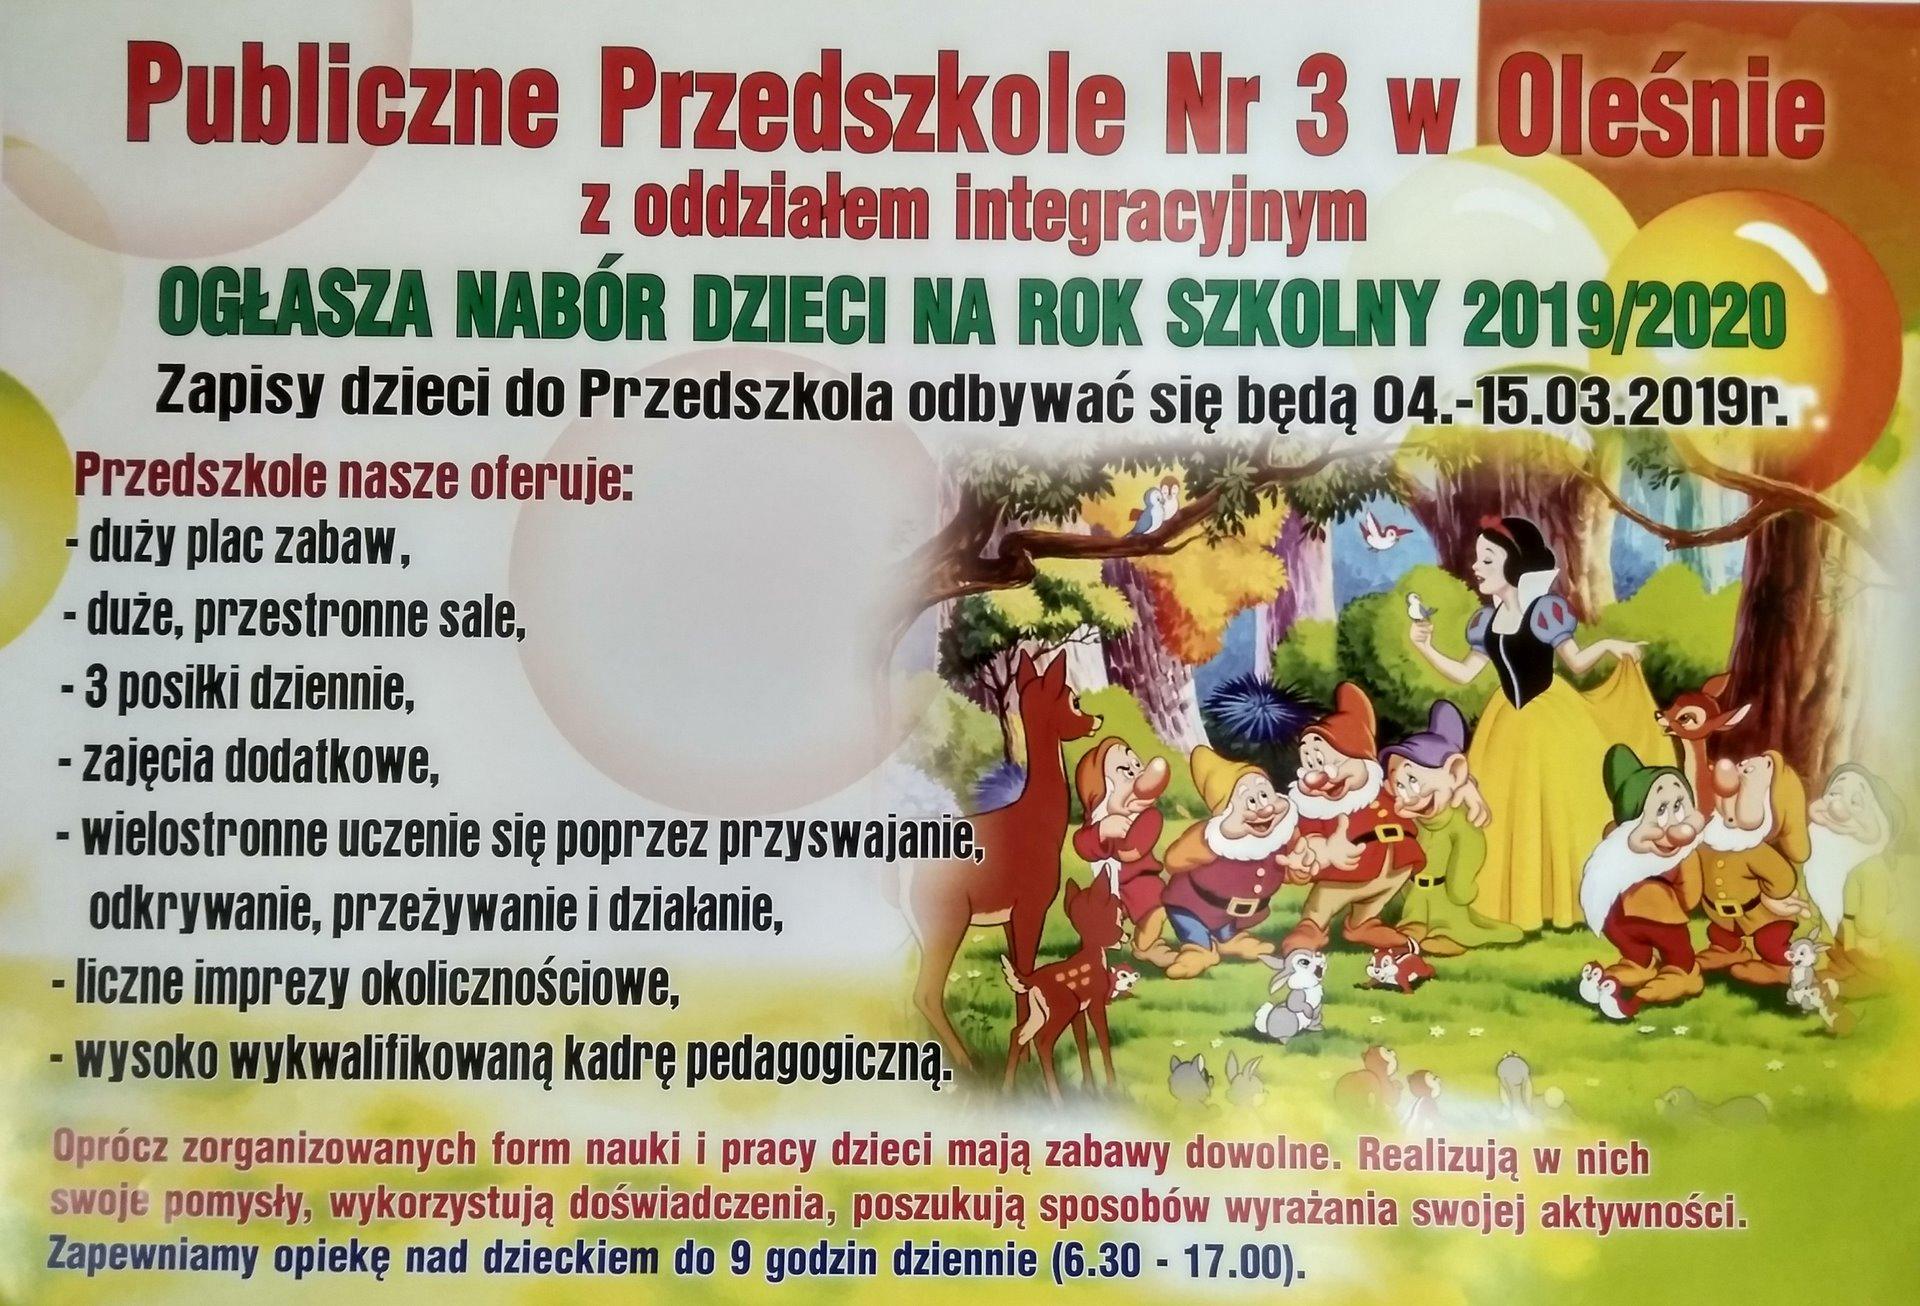 Nabór dzieci do przedszkola na rok szkolny 2019/2020